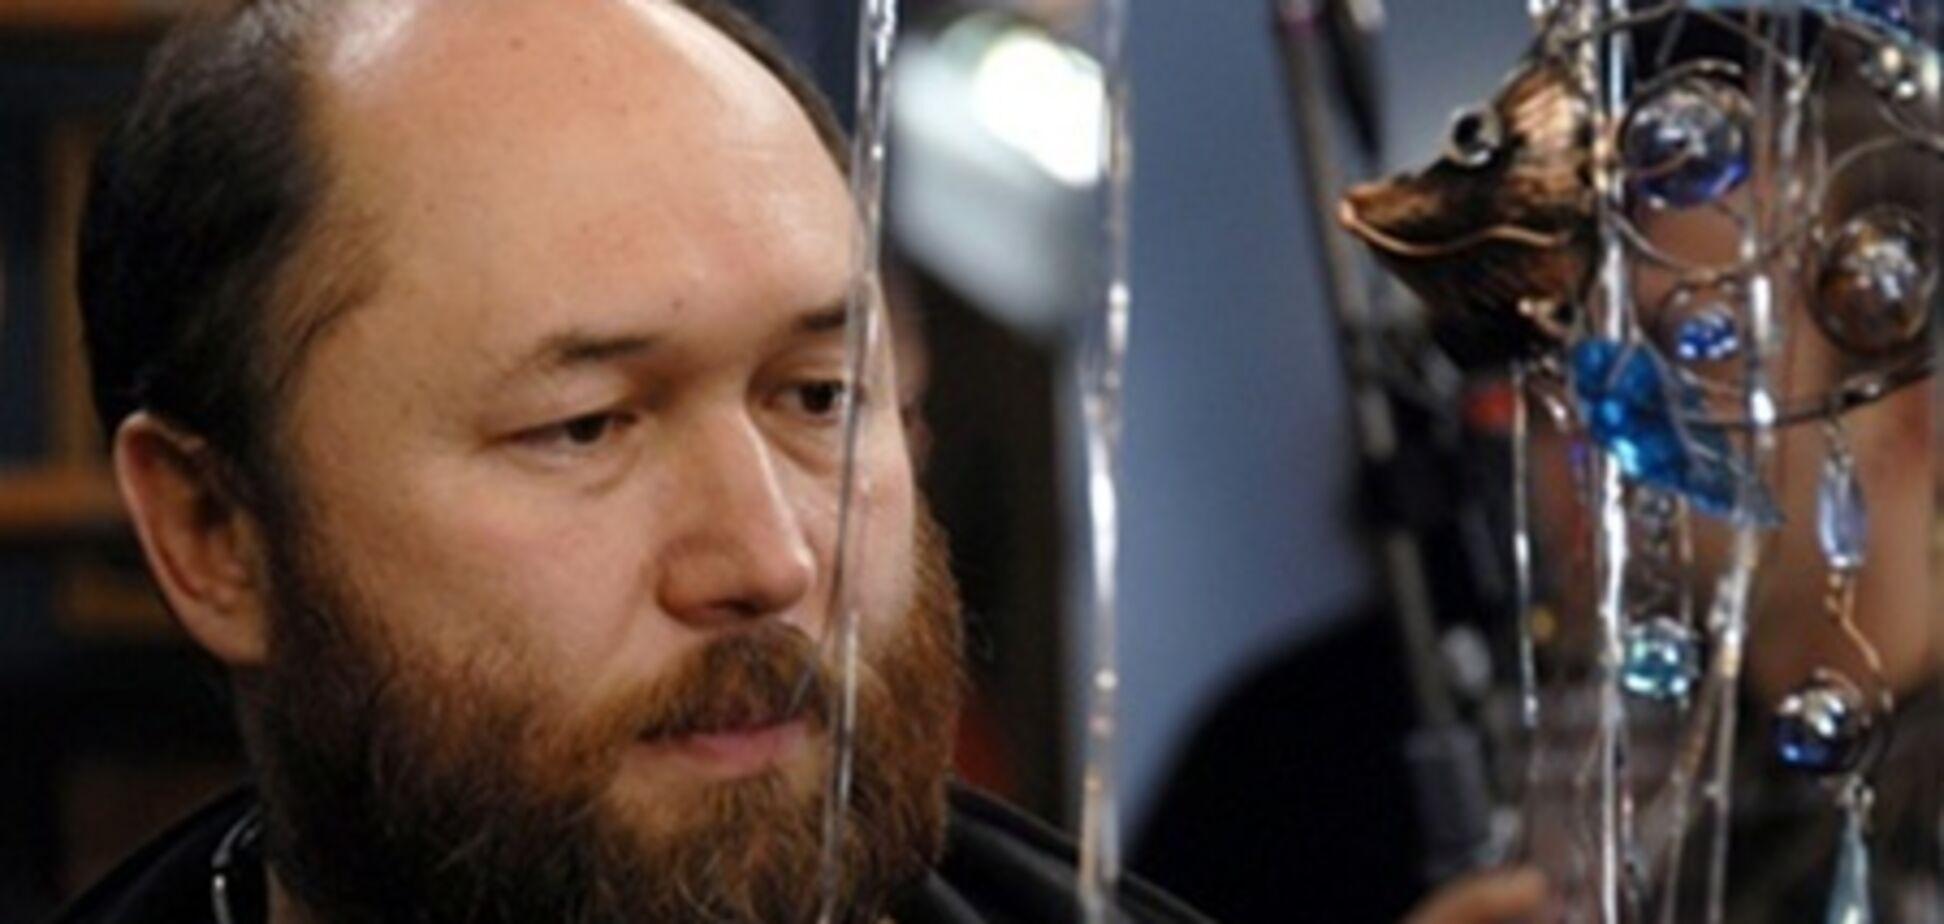 Кинорежиссера  Бекмамбетова лишили водительских прав  - СМИ